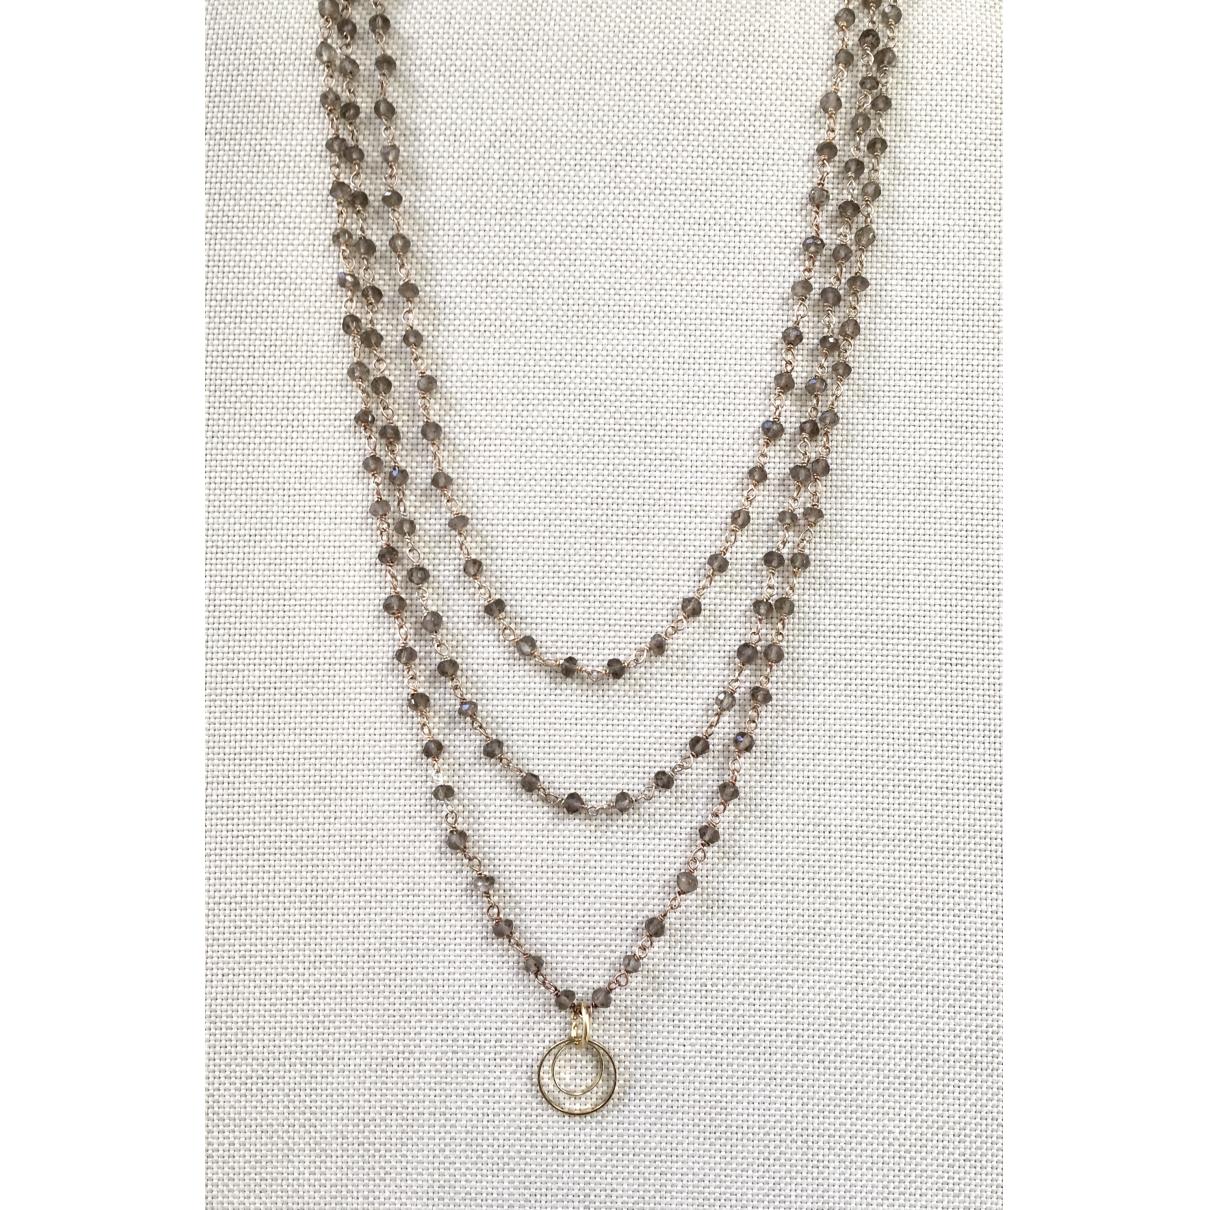 - Sautoir Chaines pour femme en plaque or - marron